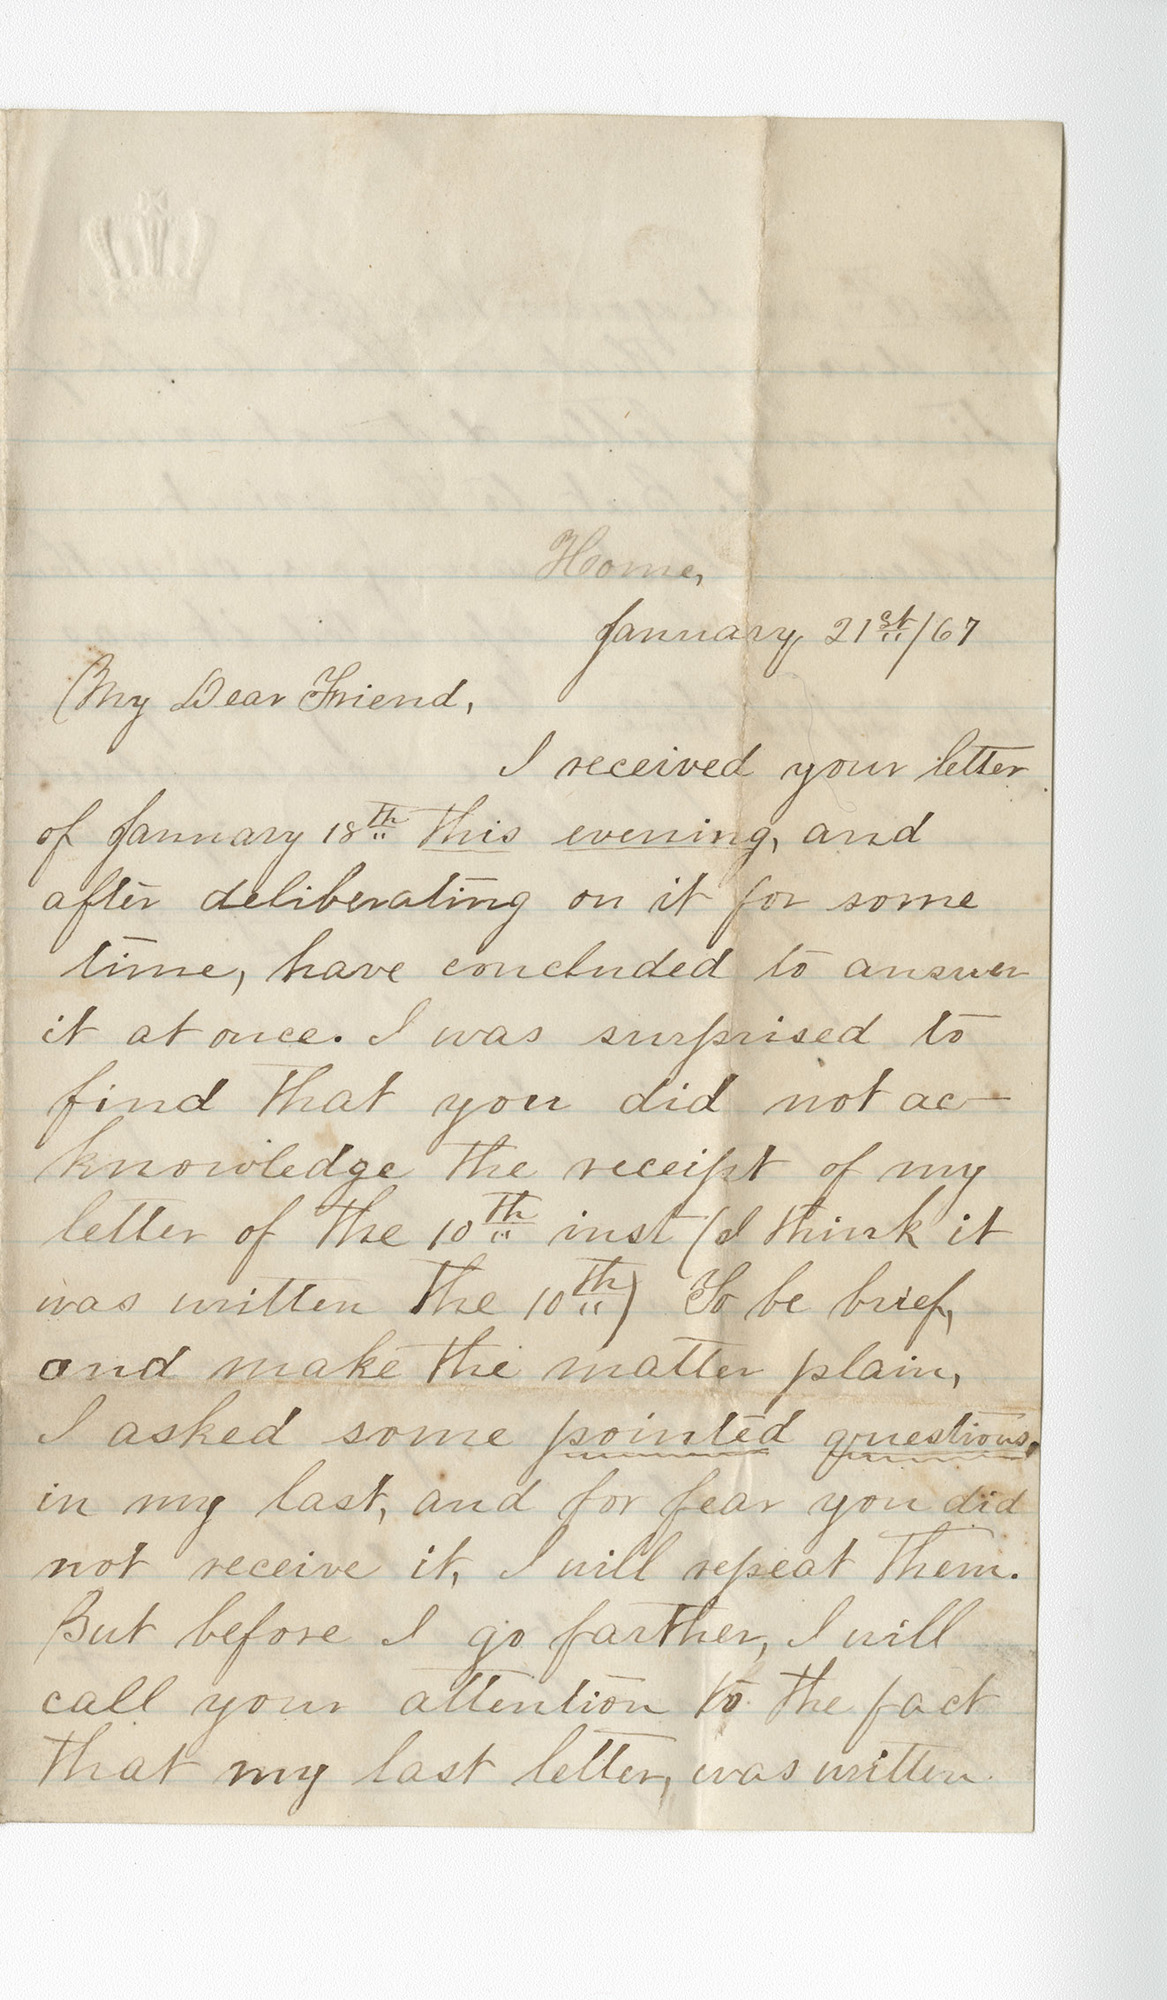 Ms2016-013_HeizerJames_Letter_1867_0121a.jpg